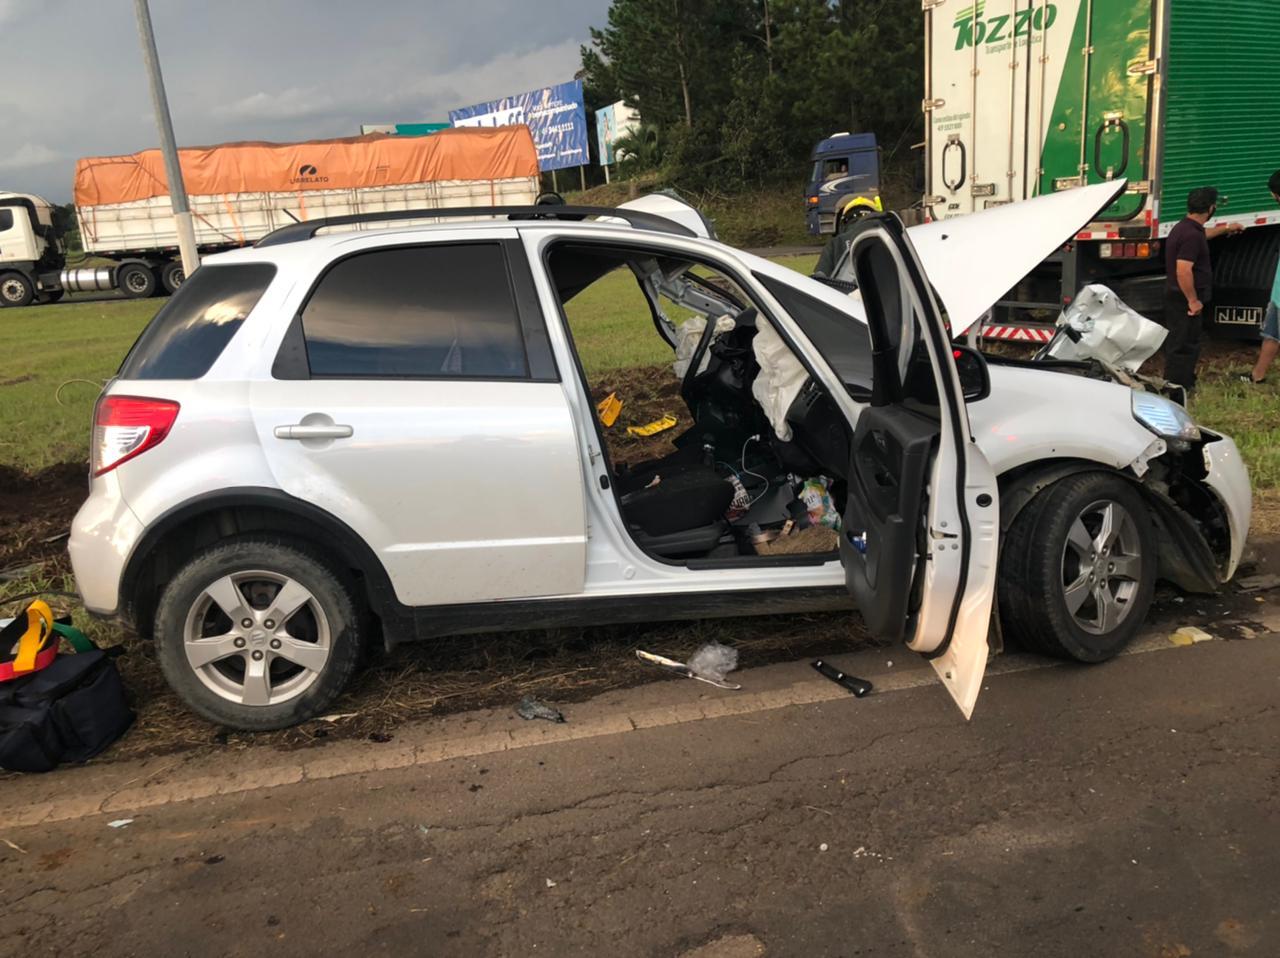 Acidente foi registrado no fim da tarde de quarta-feira (24) e atendido pelos bombeiros voluntários e Samu - Corpo de Bombeiros Voluntários/Divulgação